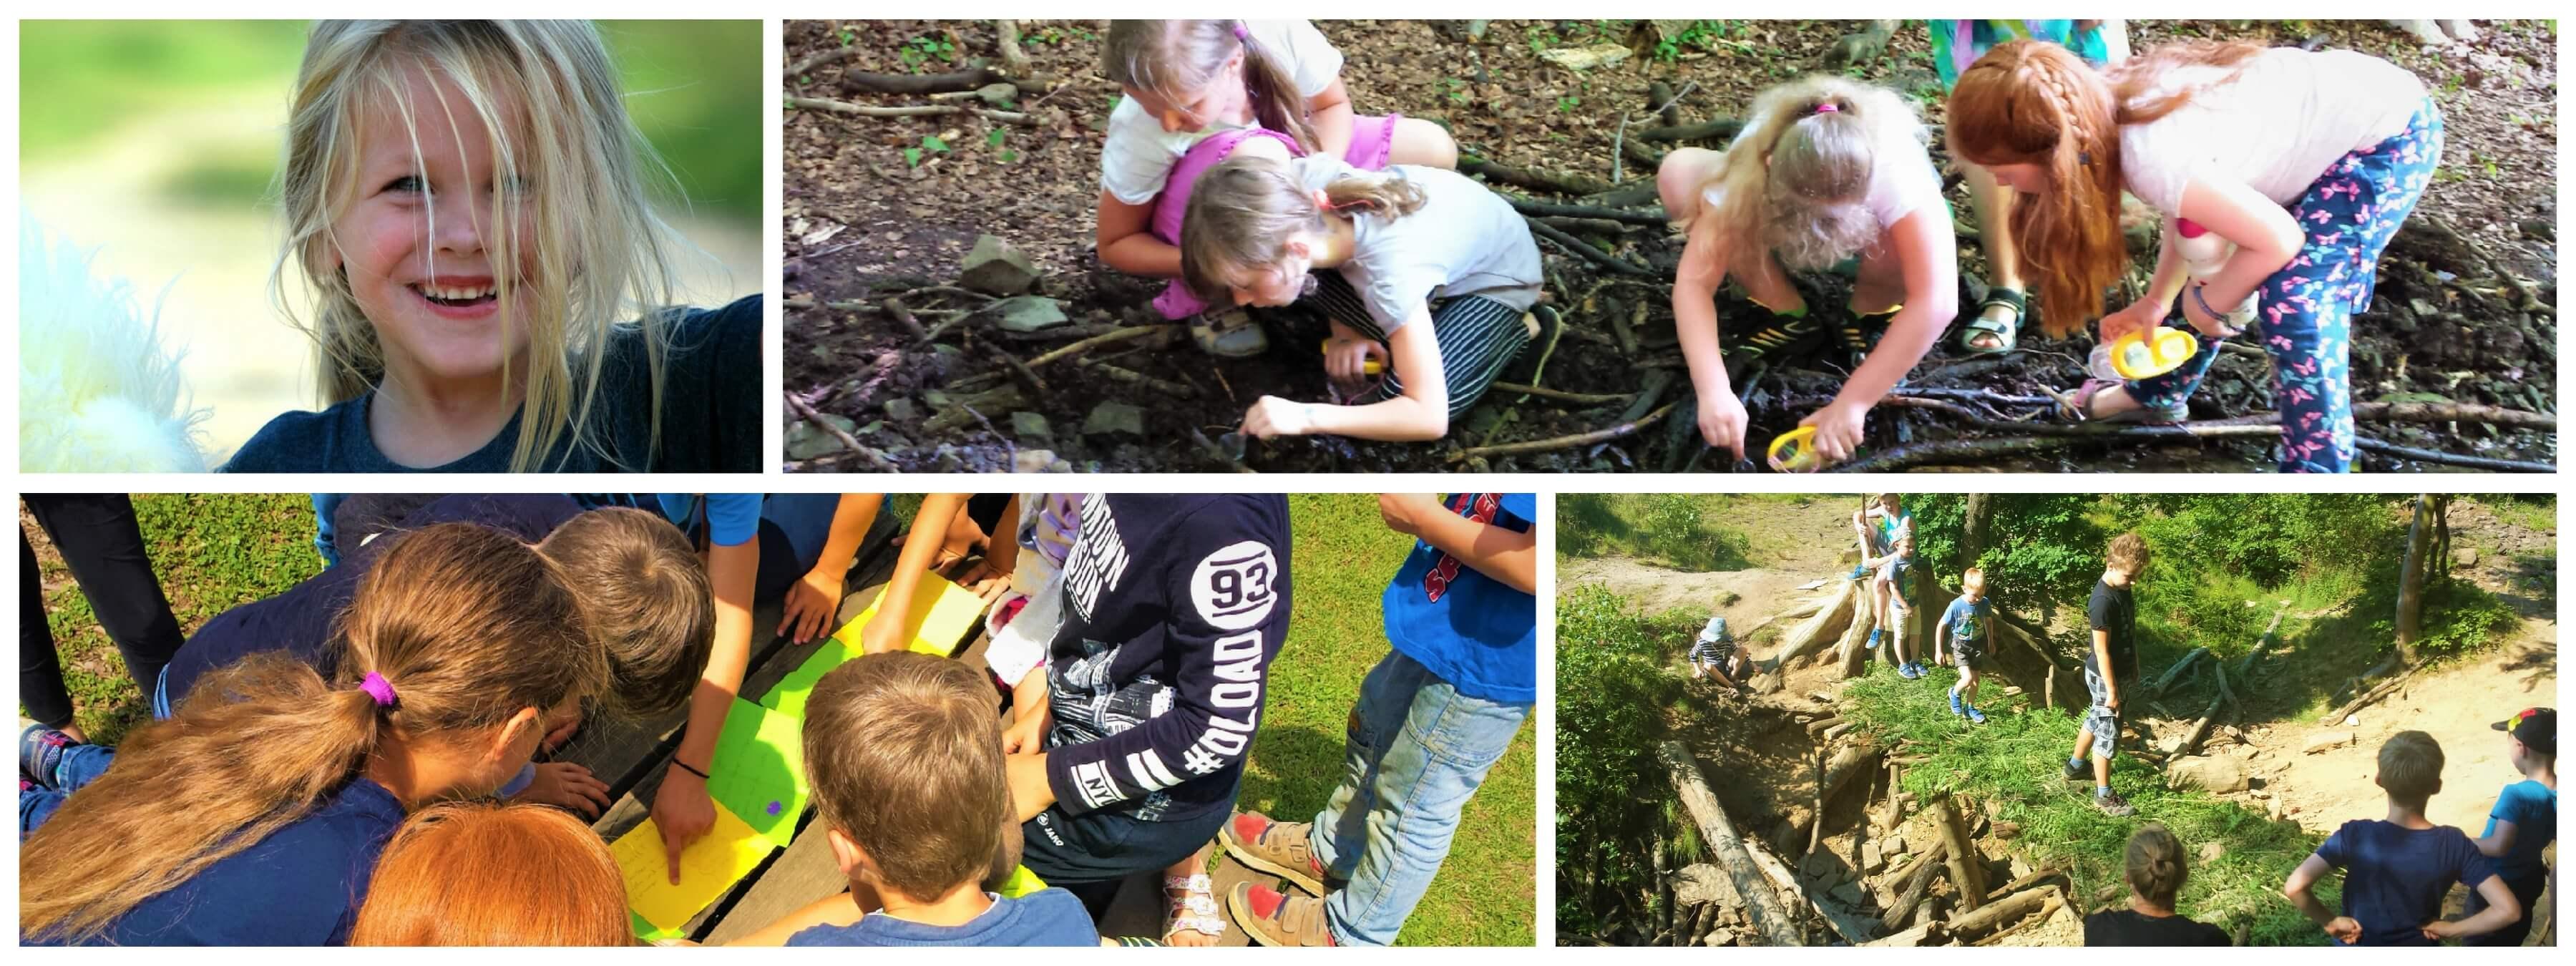 Bundesfreiwilligendienst (BuFDi) in Hemer-Ihmert Bereich Natur-Pädagogik